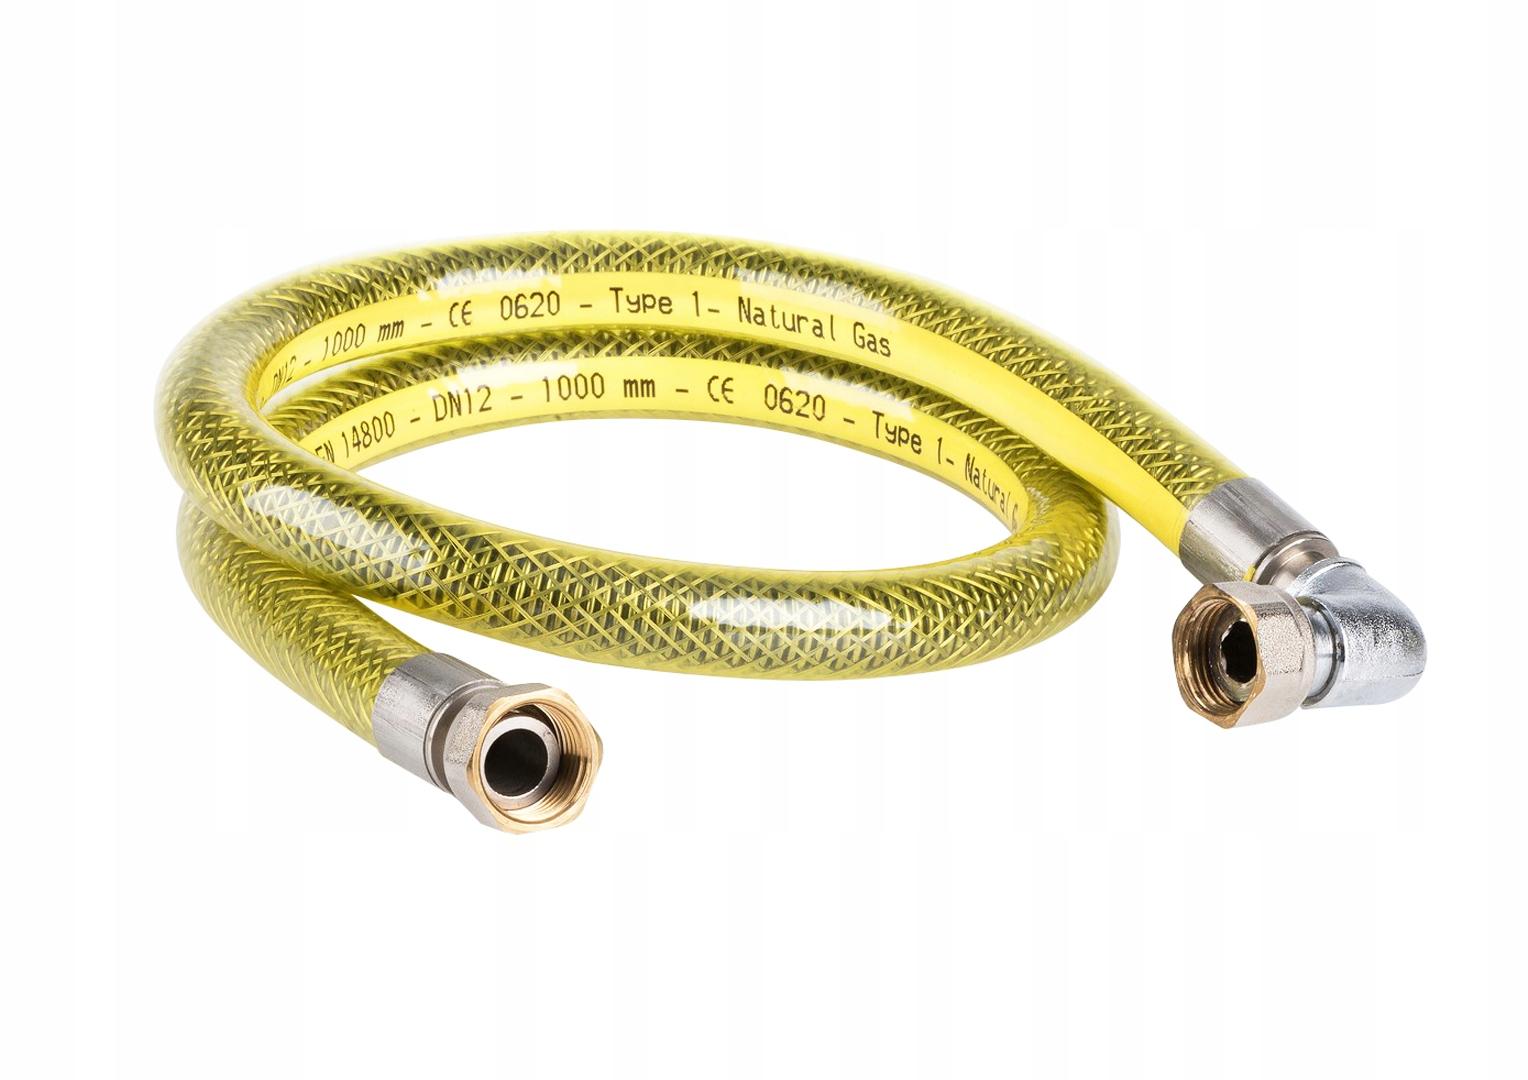 Сильфонный шланг для газа: чем шланг сильфонного типа лучше резинового? диаметр сильфона для газа, гибкая подводка с полимерным покрытием для плиты